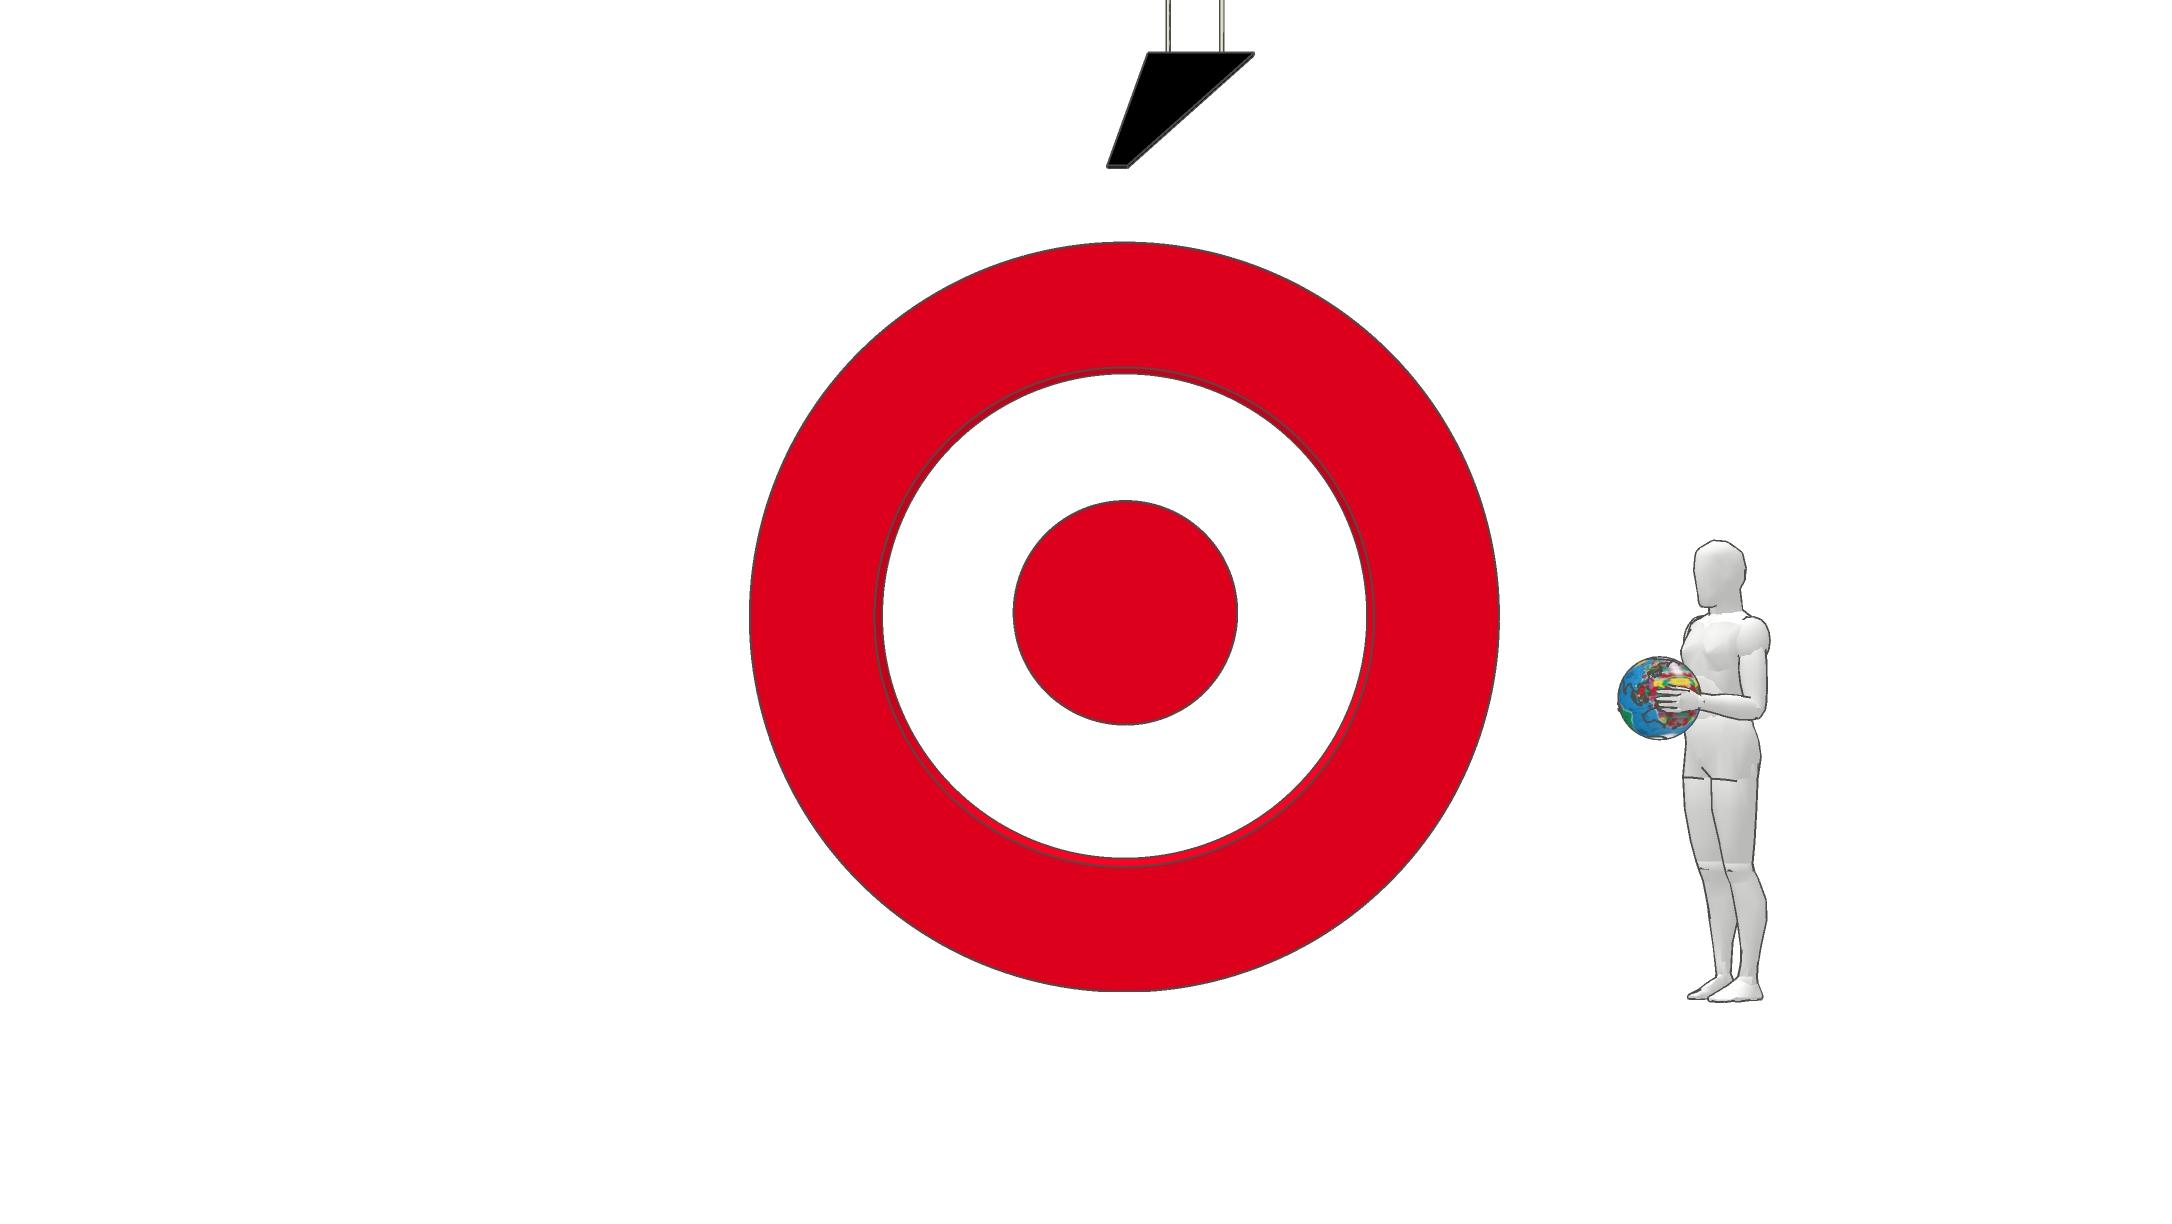 Target v16 - 9B.jpg